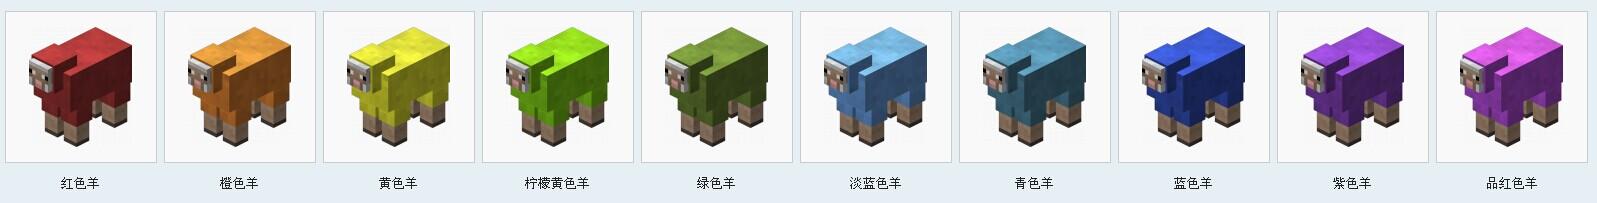 我的世界生物图鉴羊